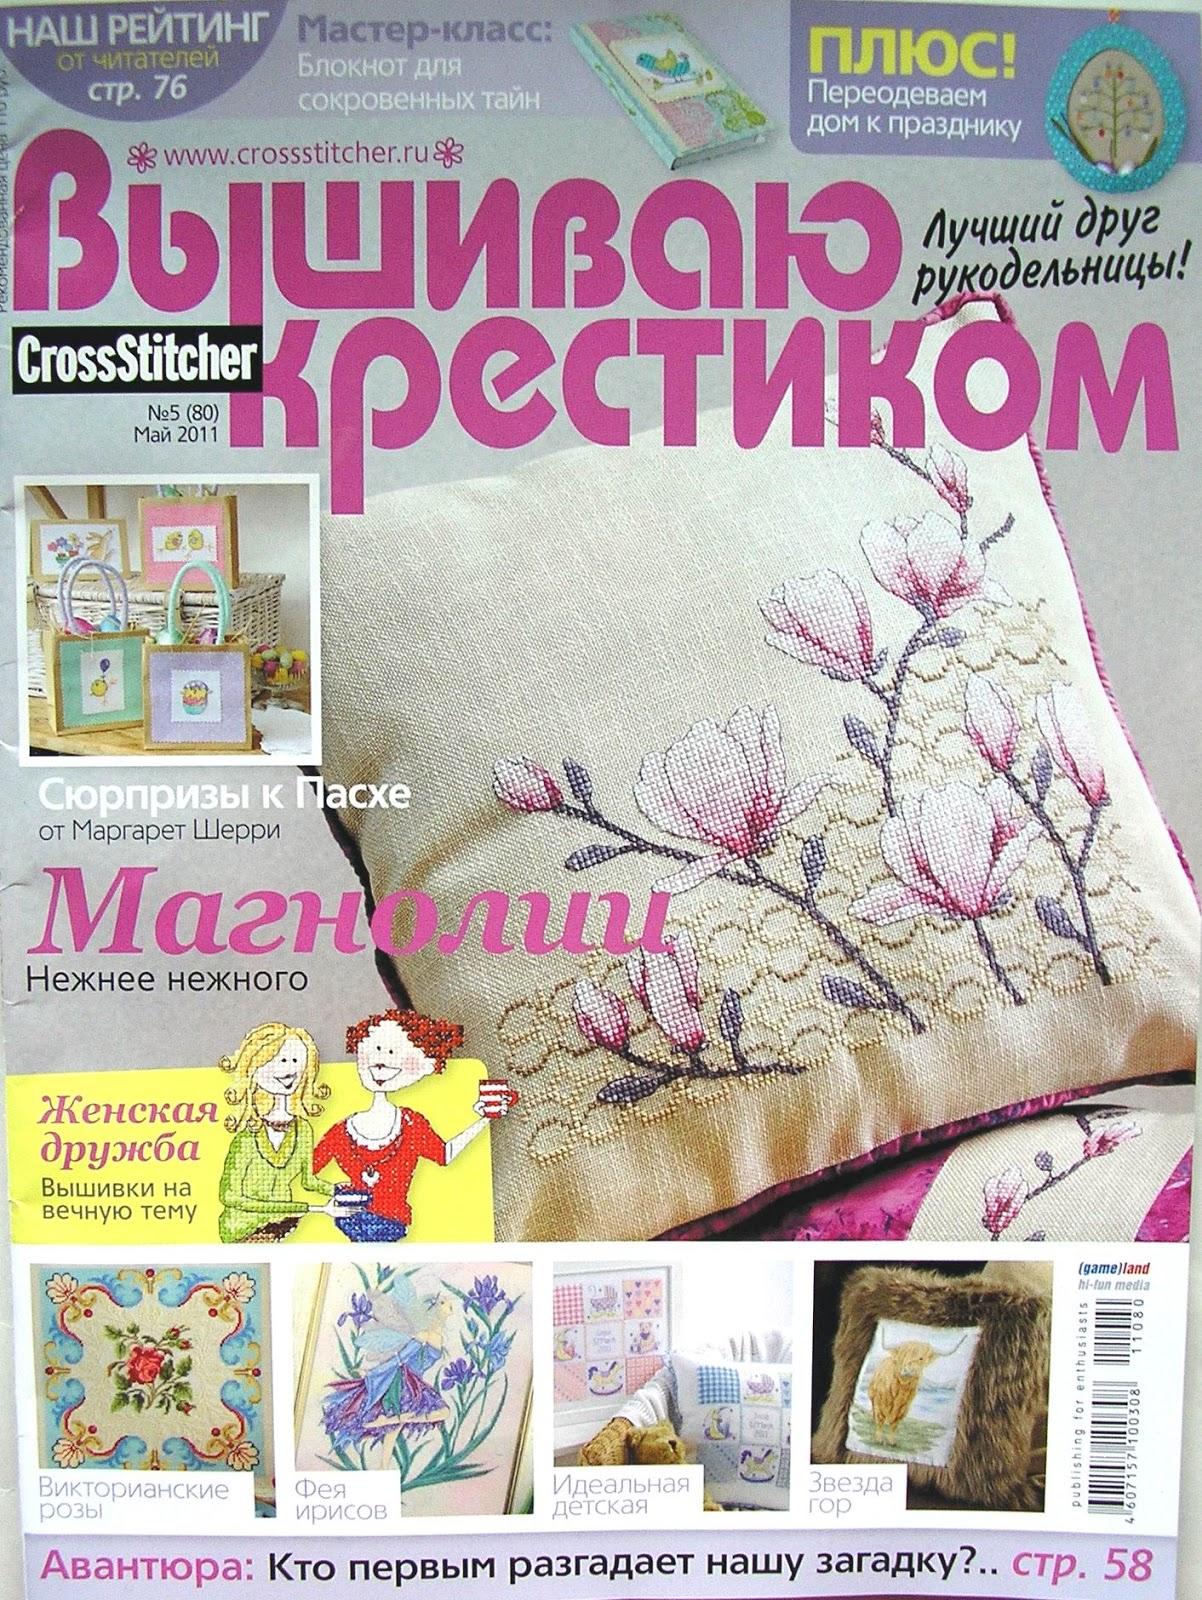 Журналы по вышивке - Вышиваю крестиком скачать бесплатно и без регистрации